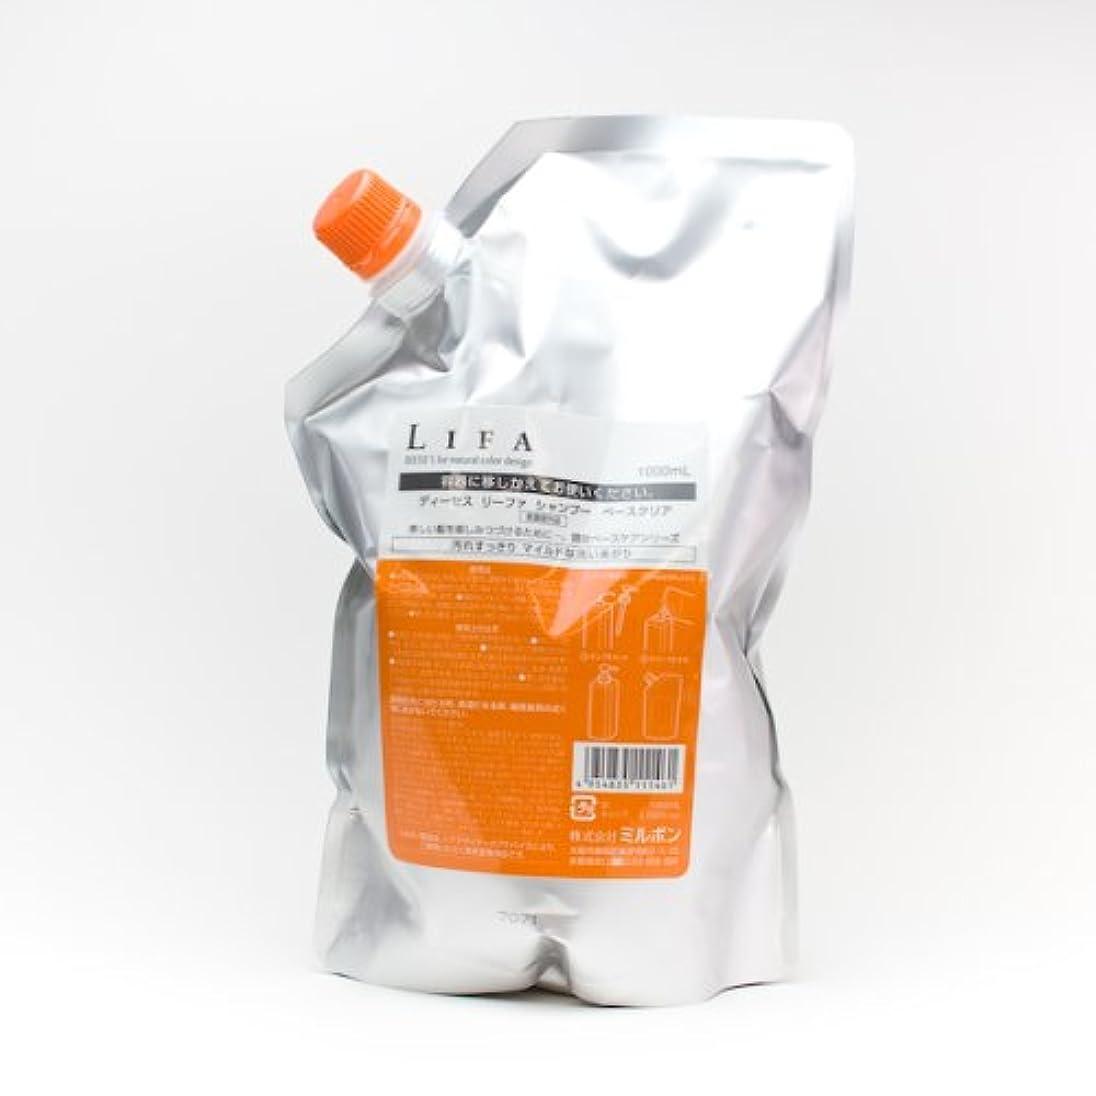 に応じて消毒する肥沃なディーセス リーファ ベースクリア 1Lパック